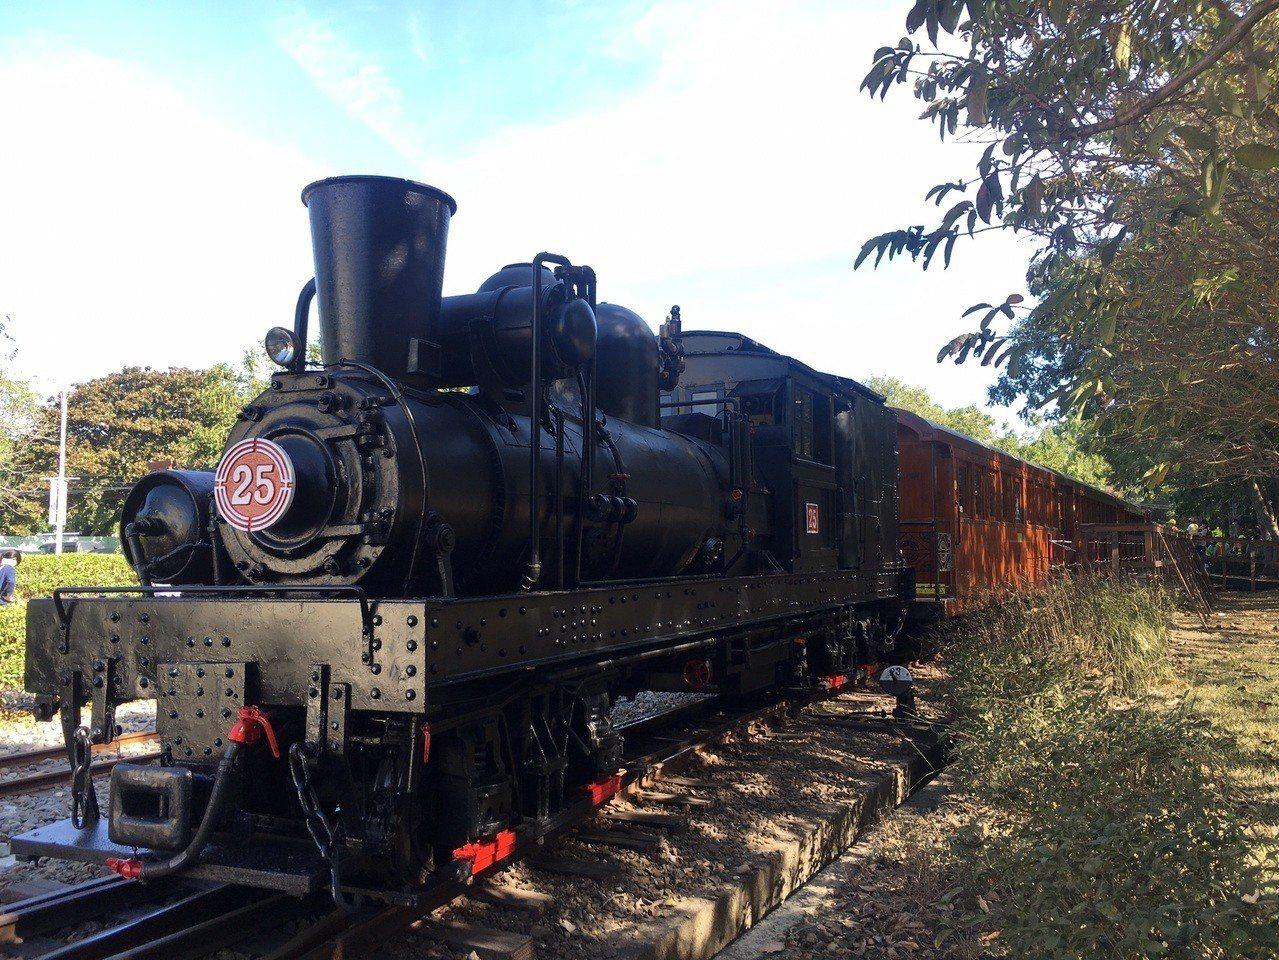 阿里山蒸汽火車加木造車廂的主題列車,明年起兩周一次行駛嘉義到北門。圖/阿里山林鐵...